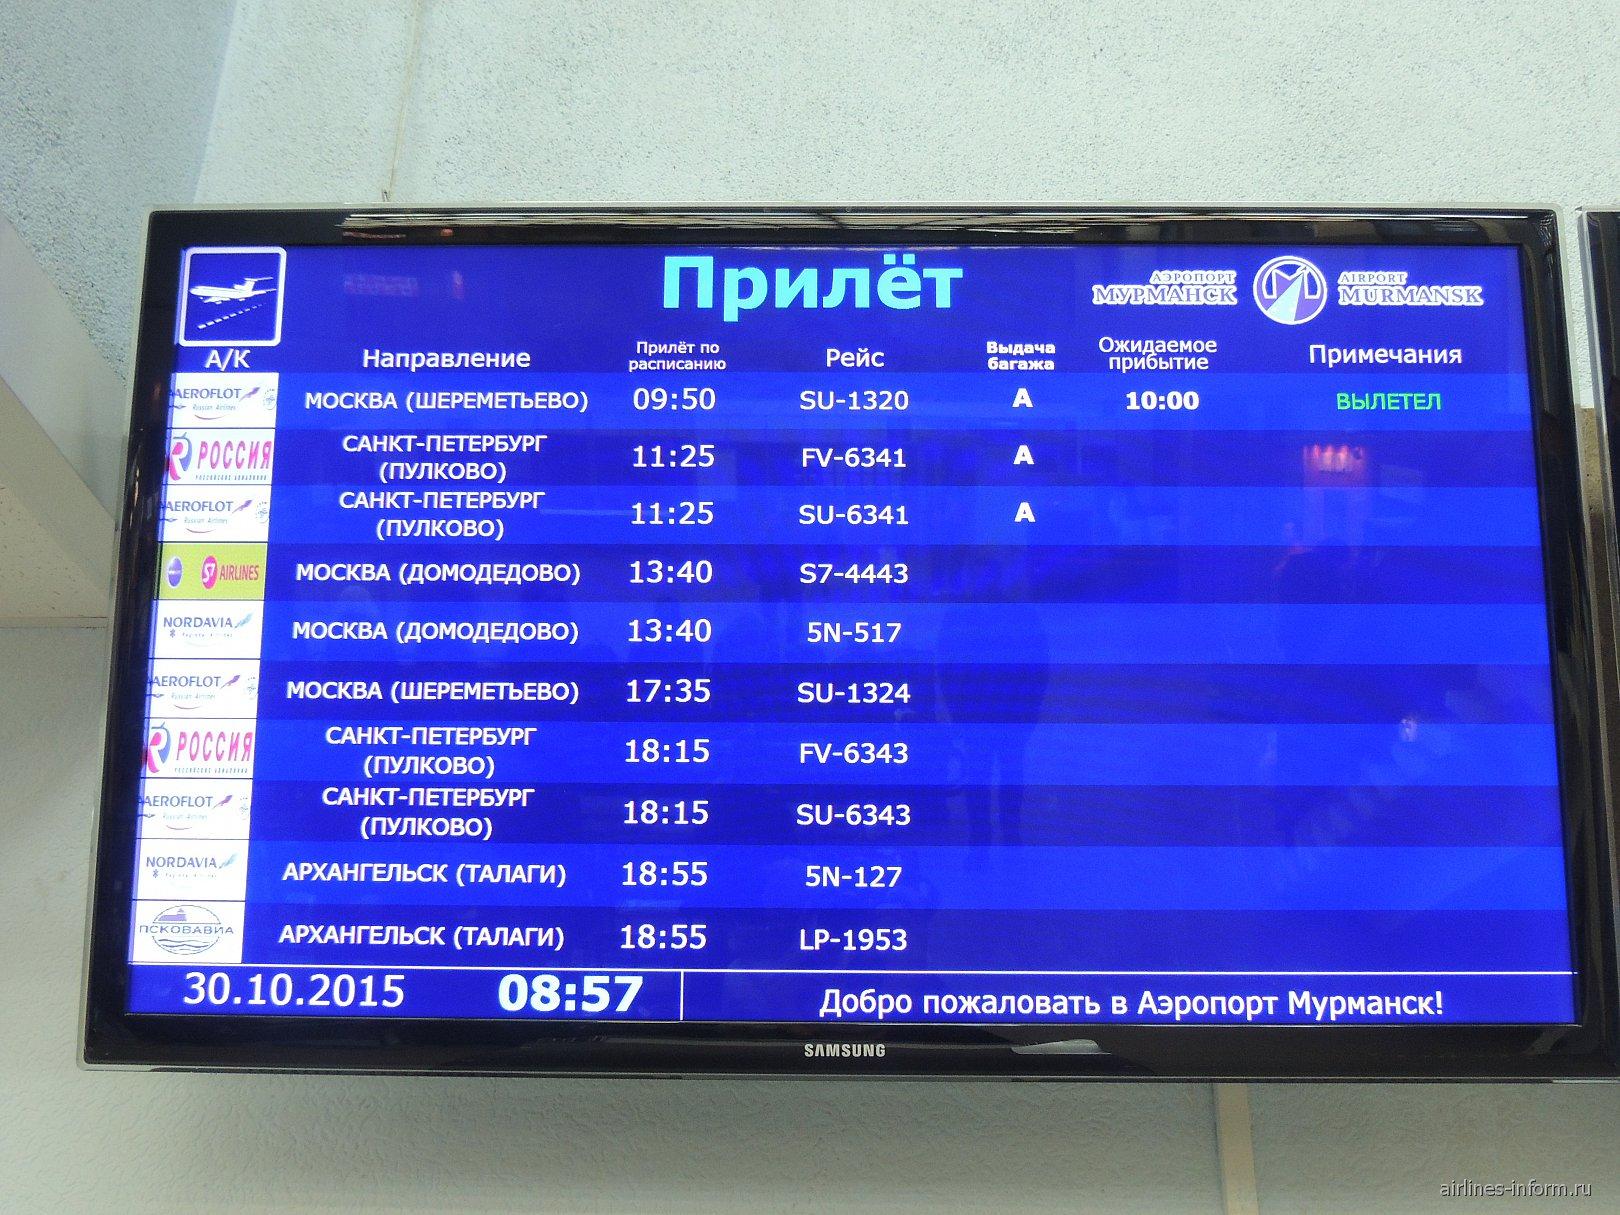 Время прилета аэропорт шереметьево